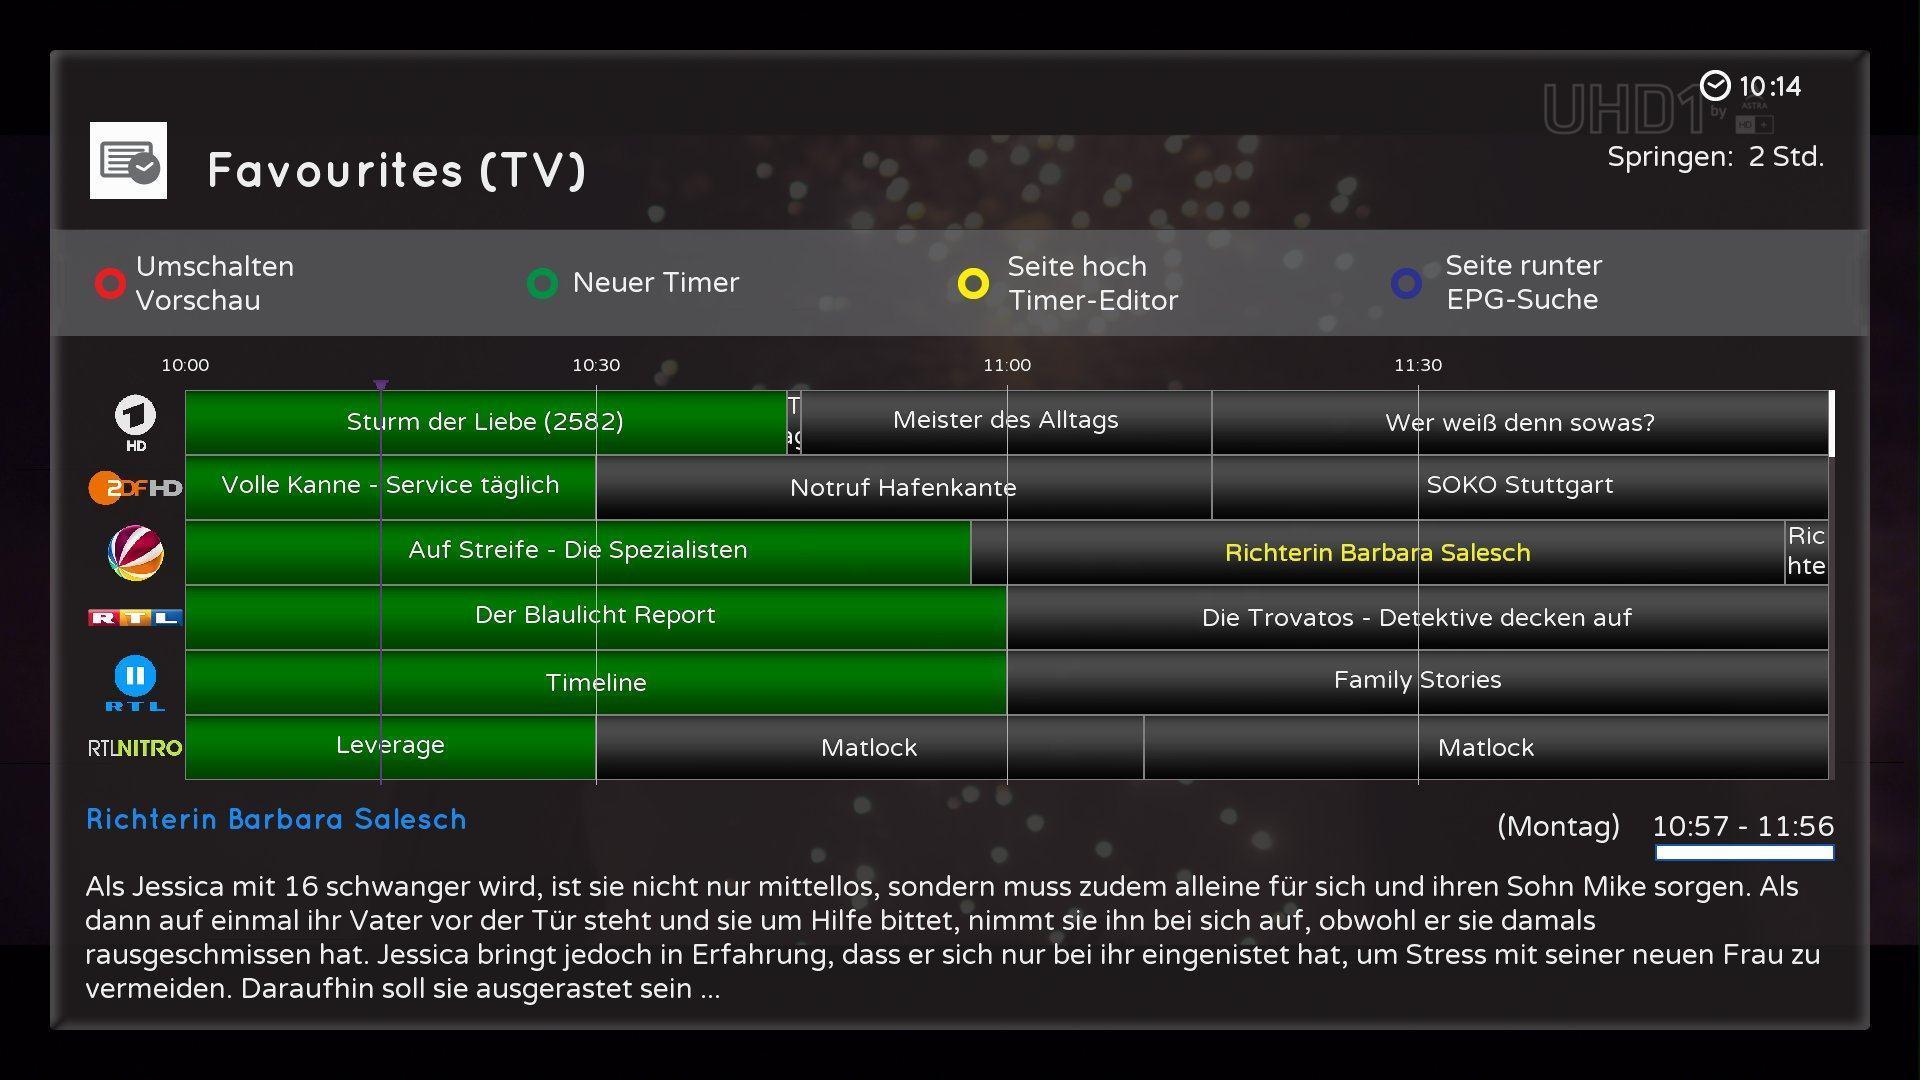 VTi 11.0 Image passend zum Start der VU+ Uno 4K erschienen 21